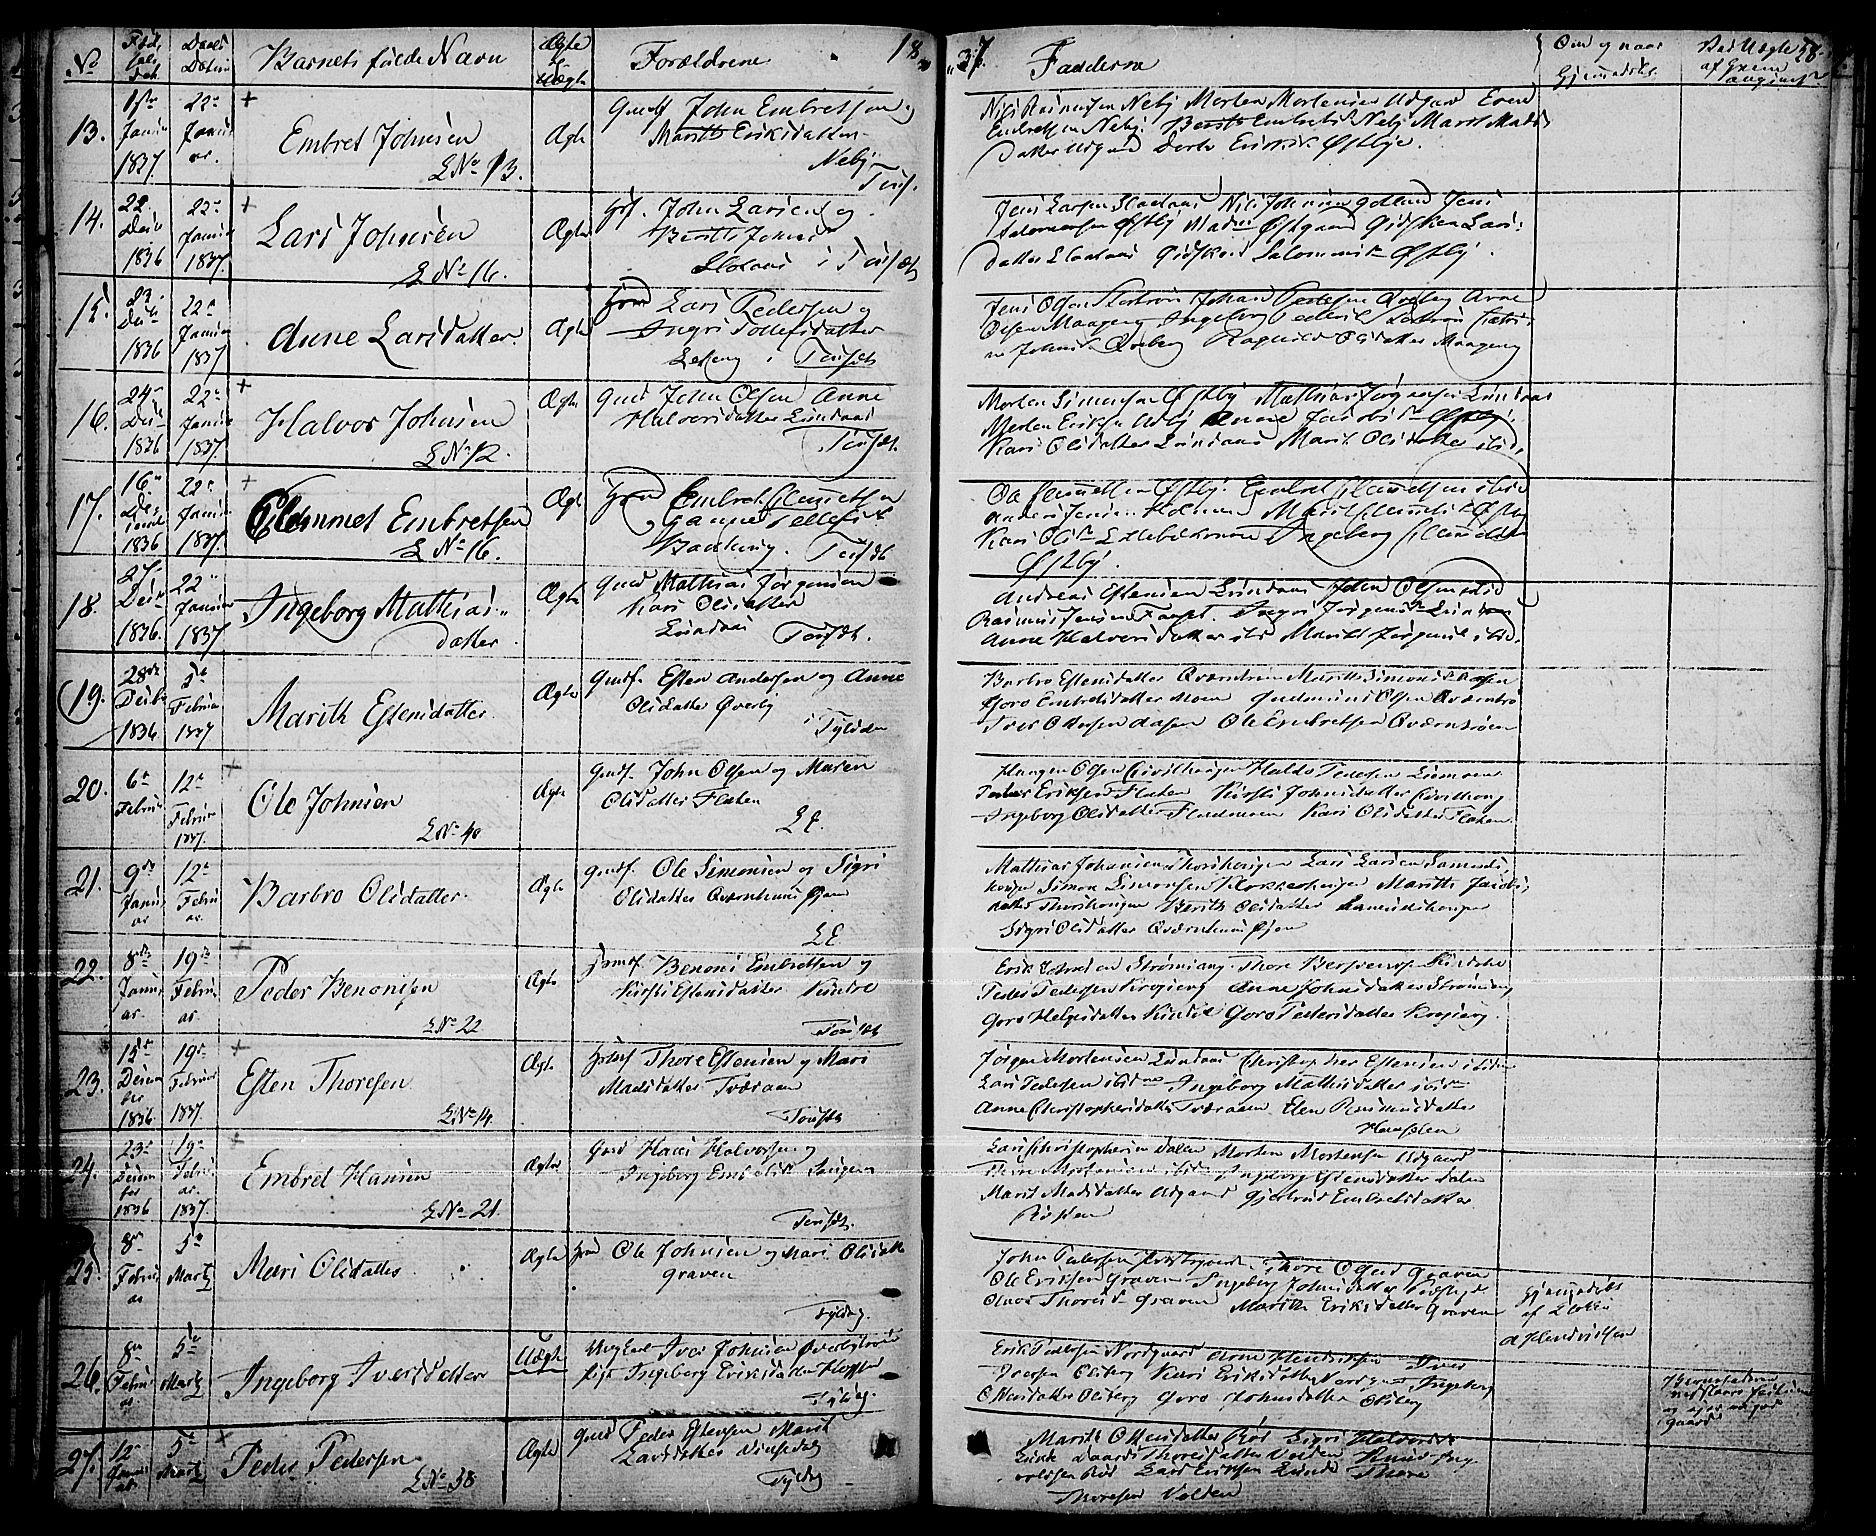 SAH, Tynset prestekontor, Parish register (official) no. 19, 1829-1847, p. 58